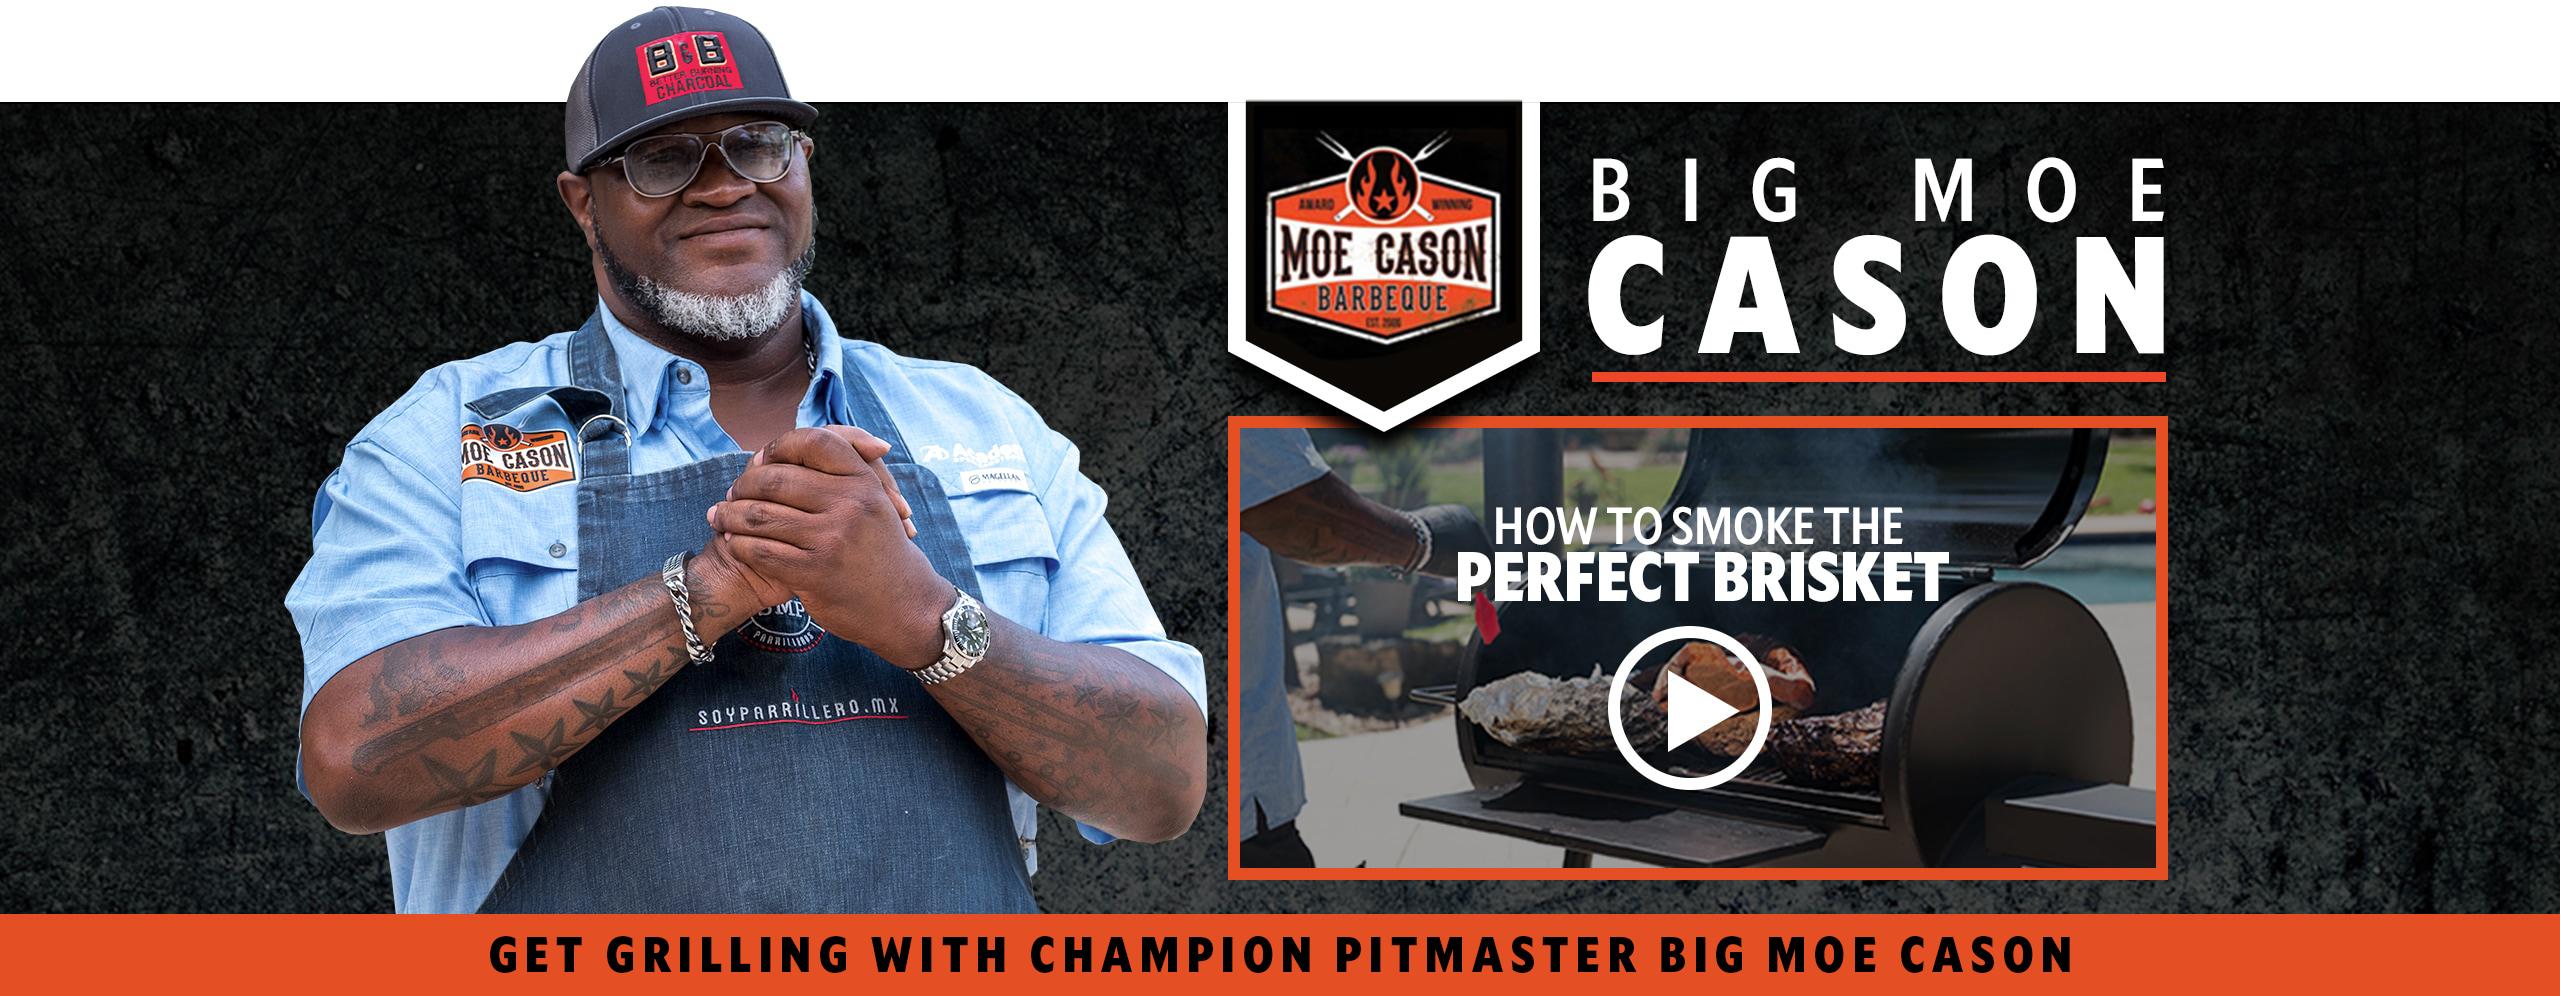 Big Moe Cason, Get Grilling with Iowa's Greatest Big Moe Cason, Moe Cason Barbeque, Smoke the perfect brisket